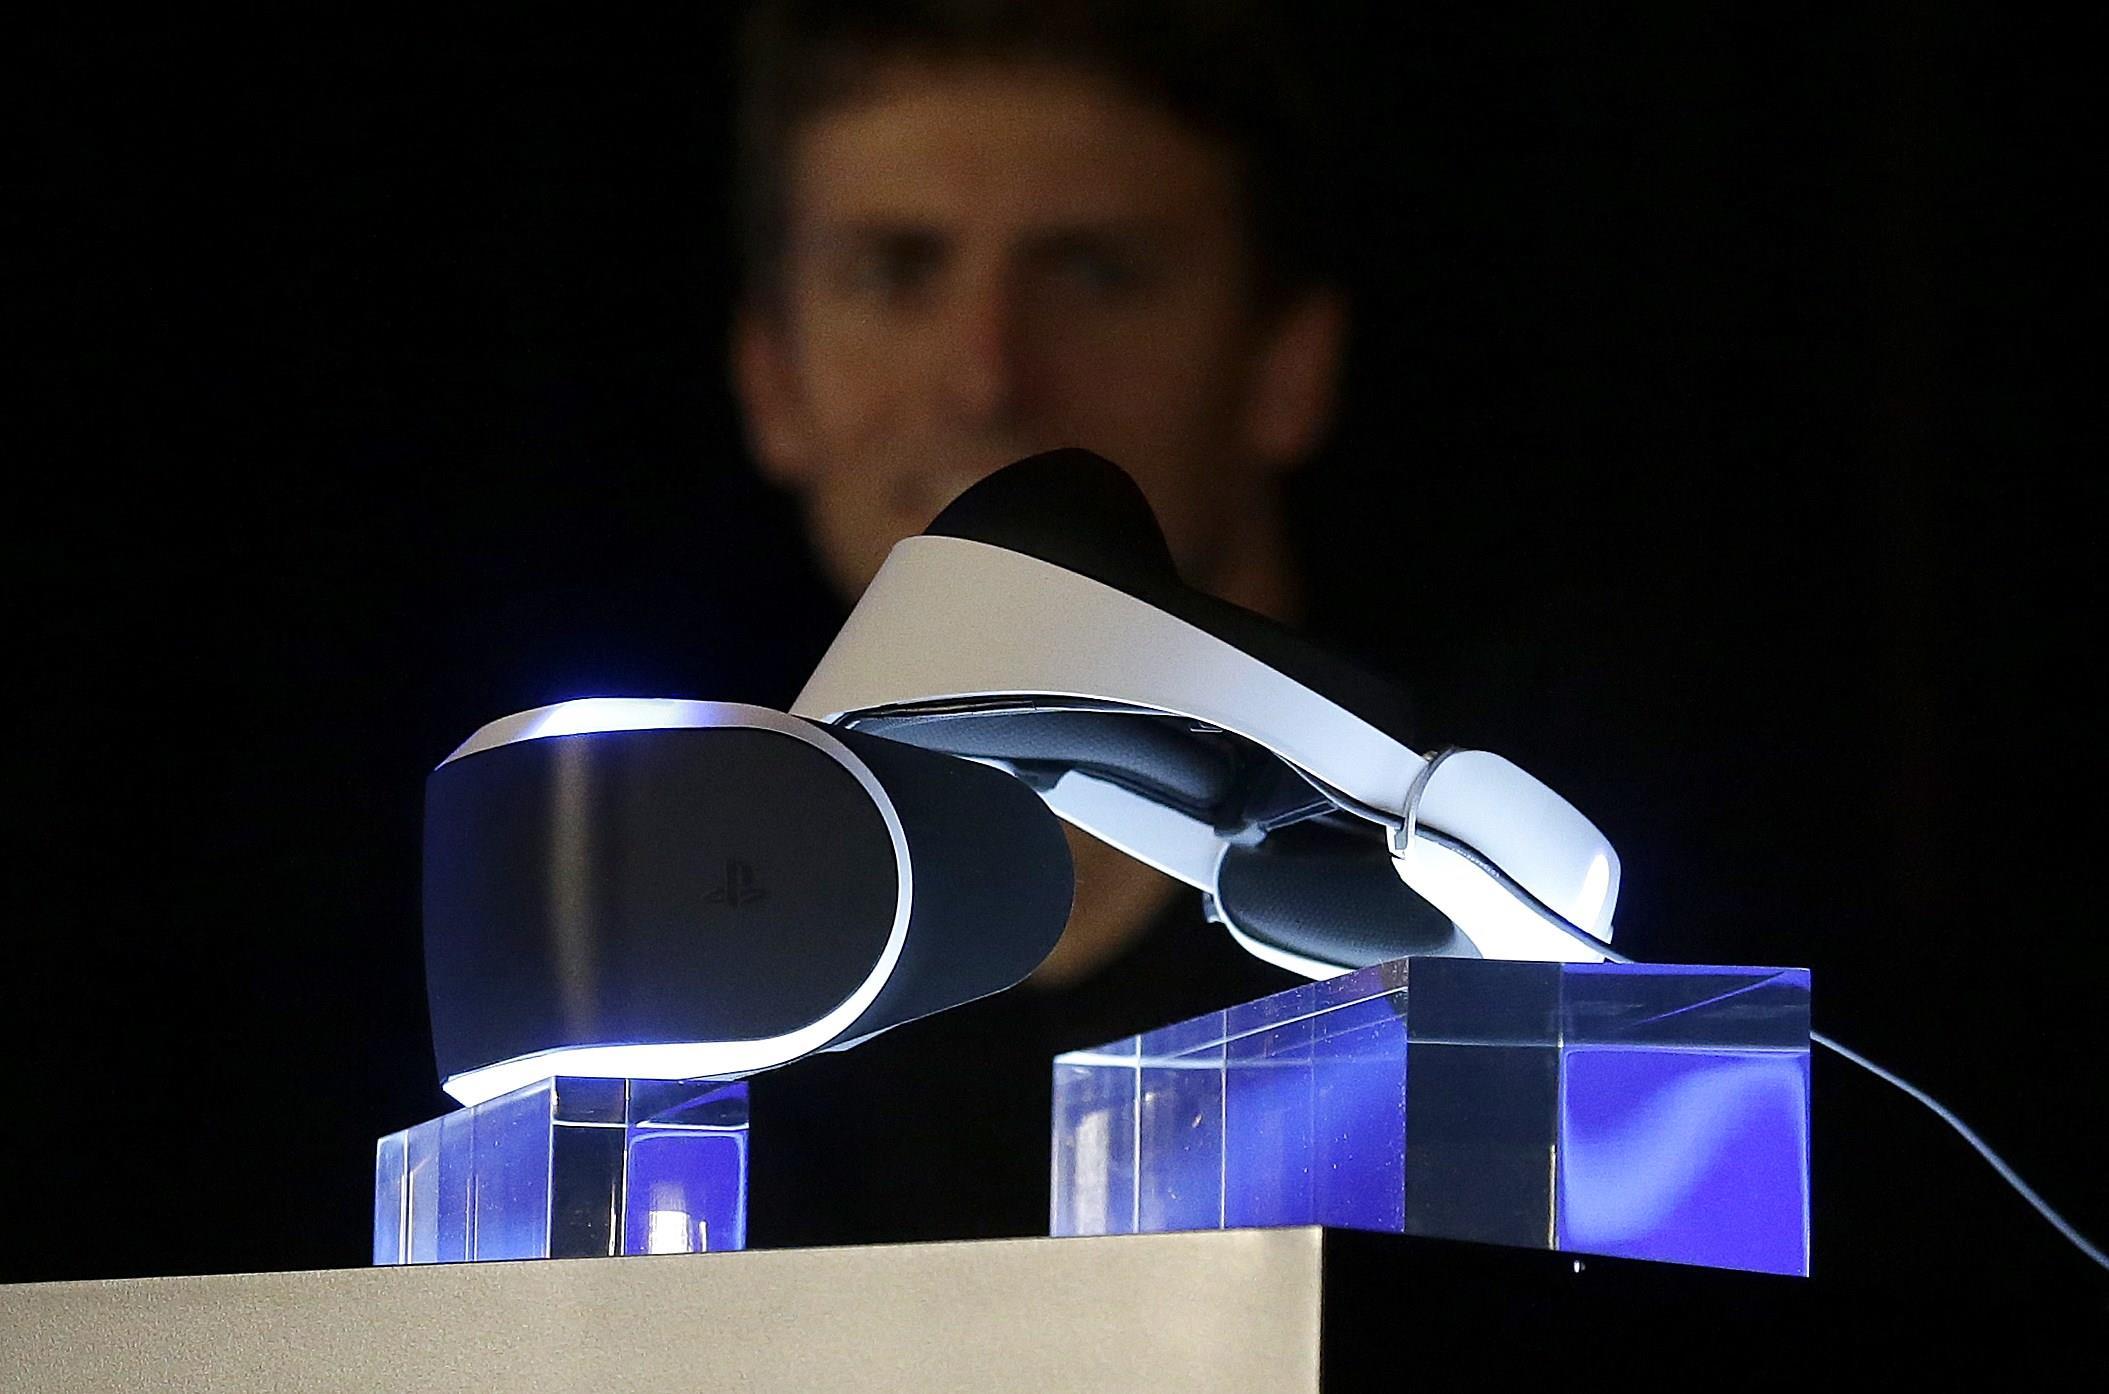 Sony. Վիրտուալ իրականության սաղավարտ